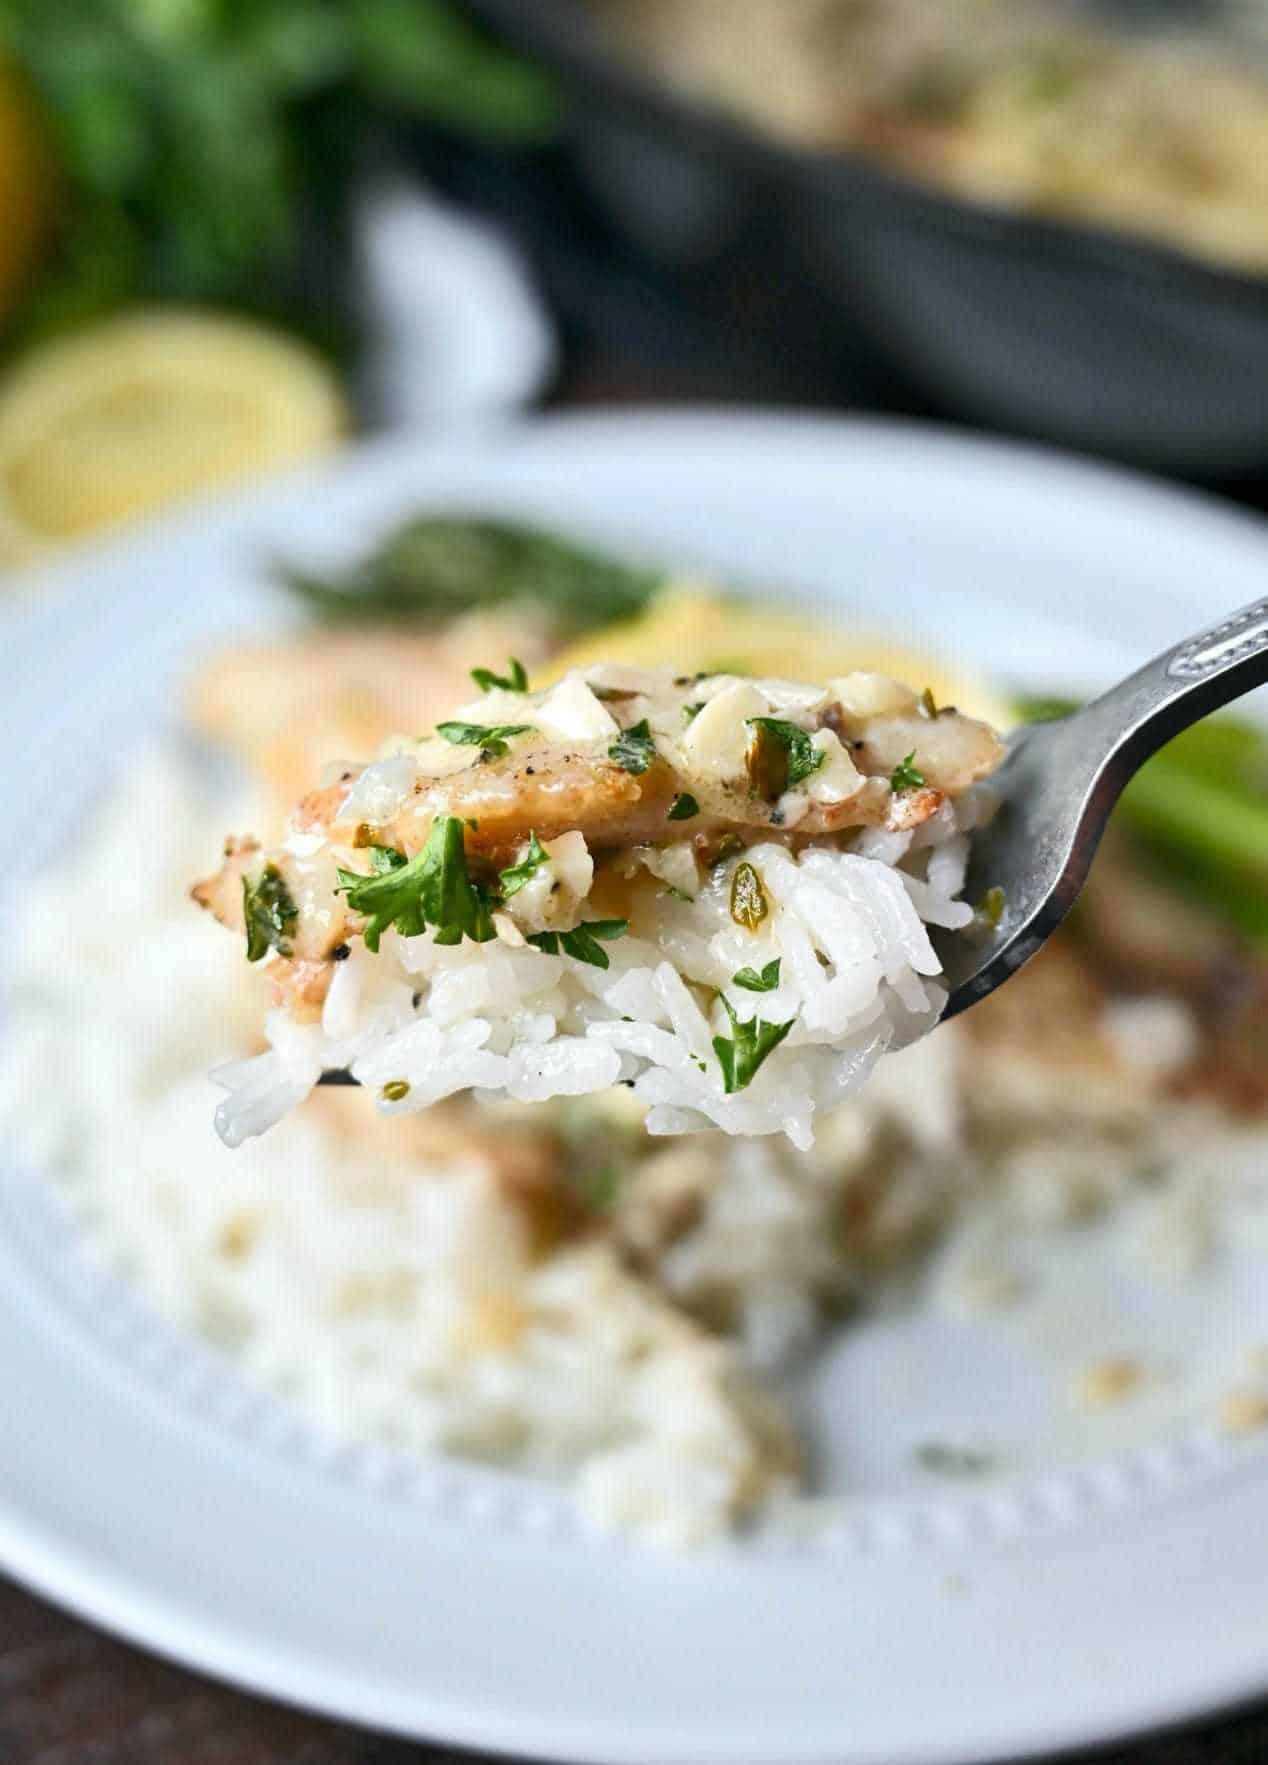 O mușcătură de orez alb și tilapia pe o furculiță.